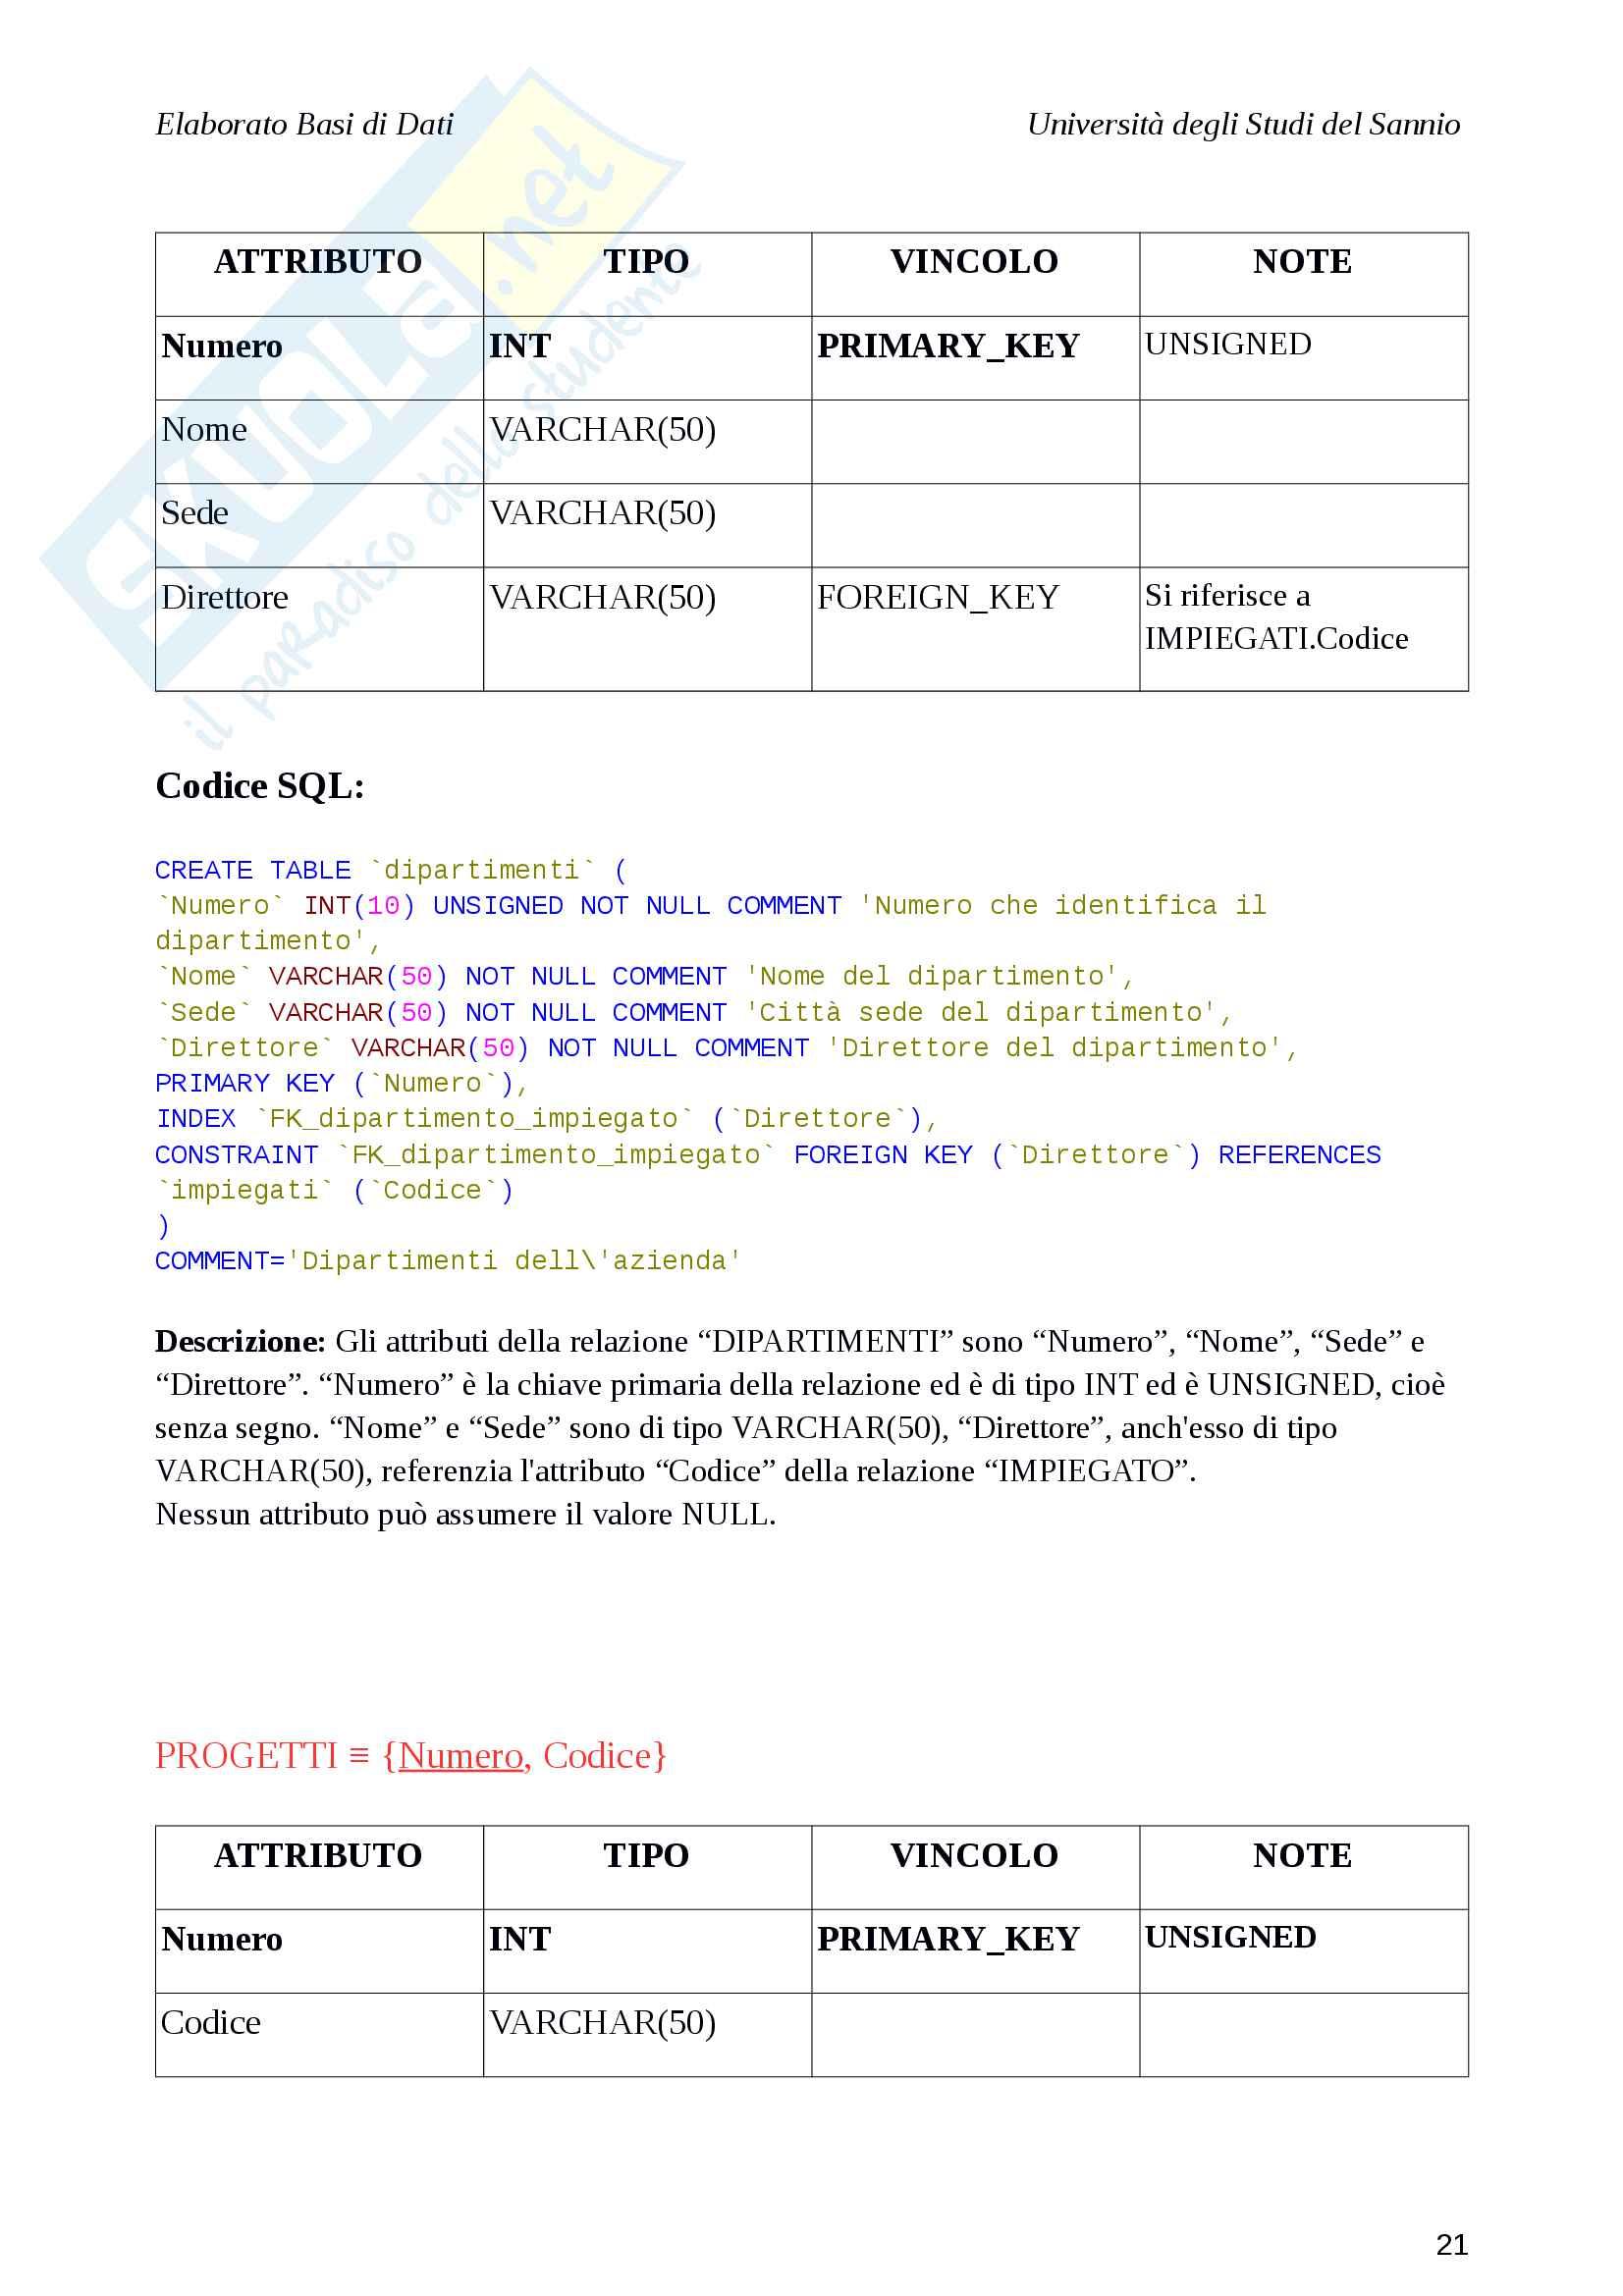 Progetto basi di dati (tesina SQL - database) Pag. 21